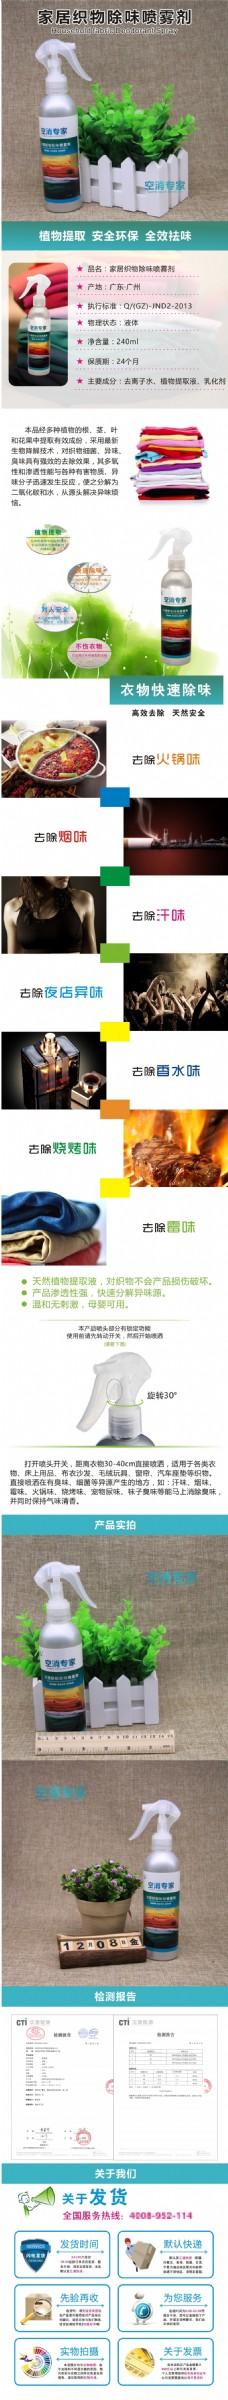 衣物除味喷剂淘宝详情页